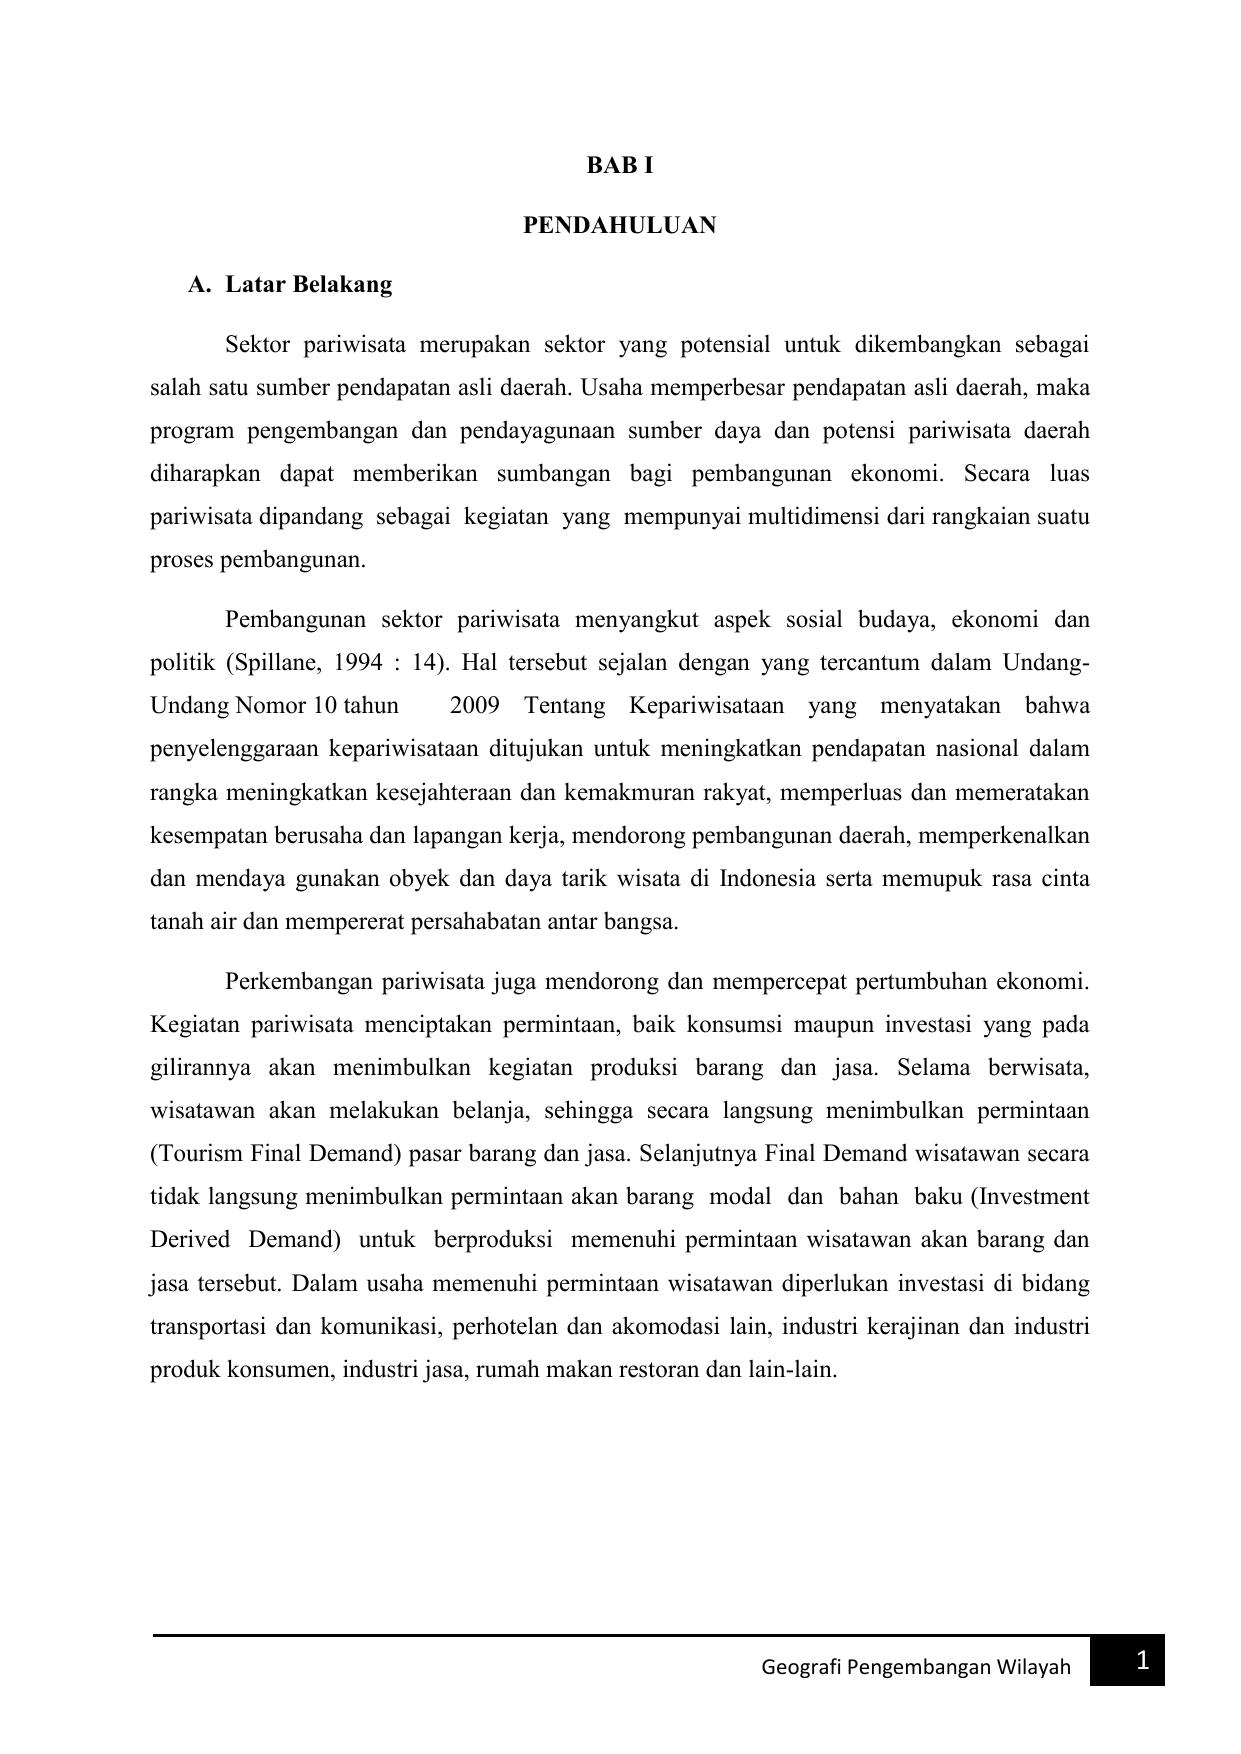 makalah pengembangan pantai watu ulo